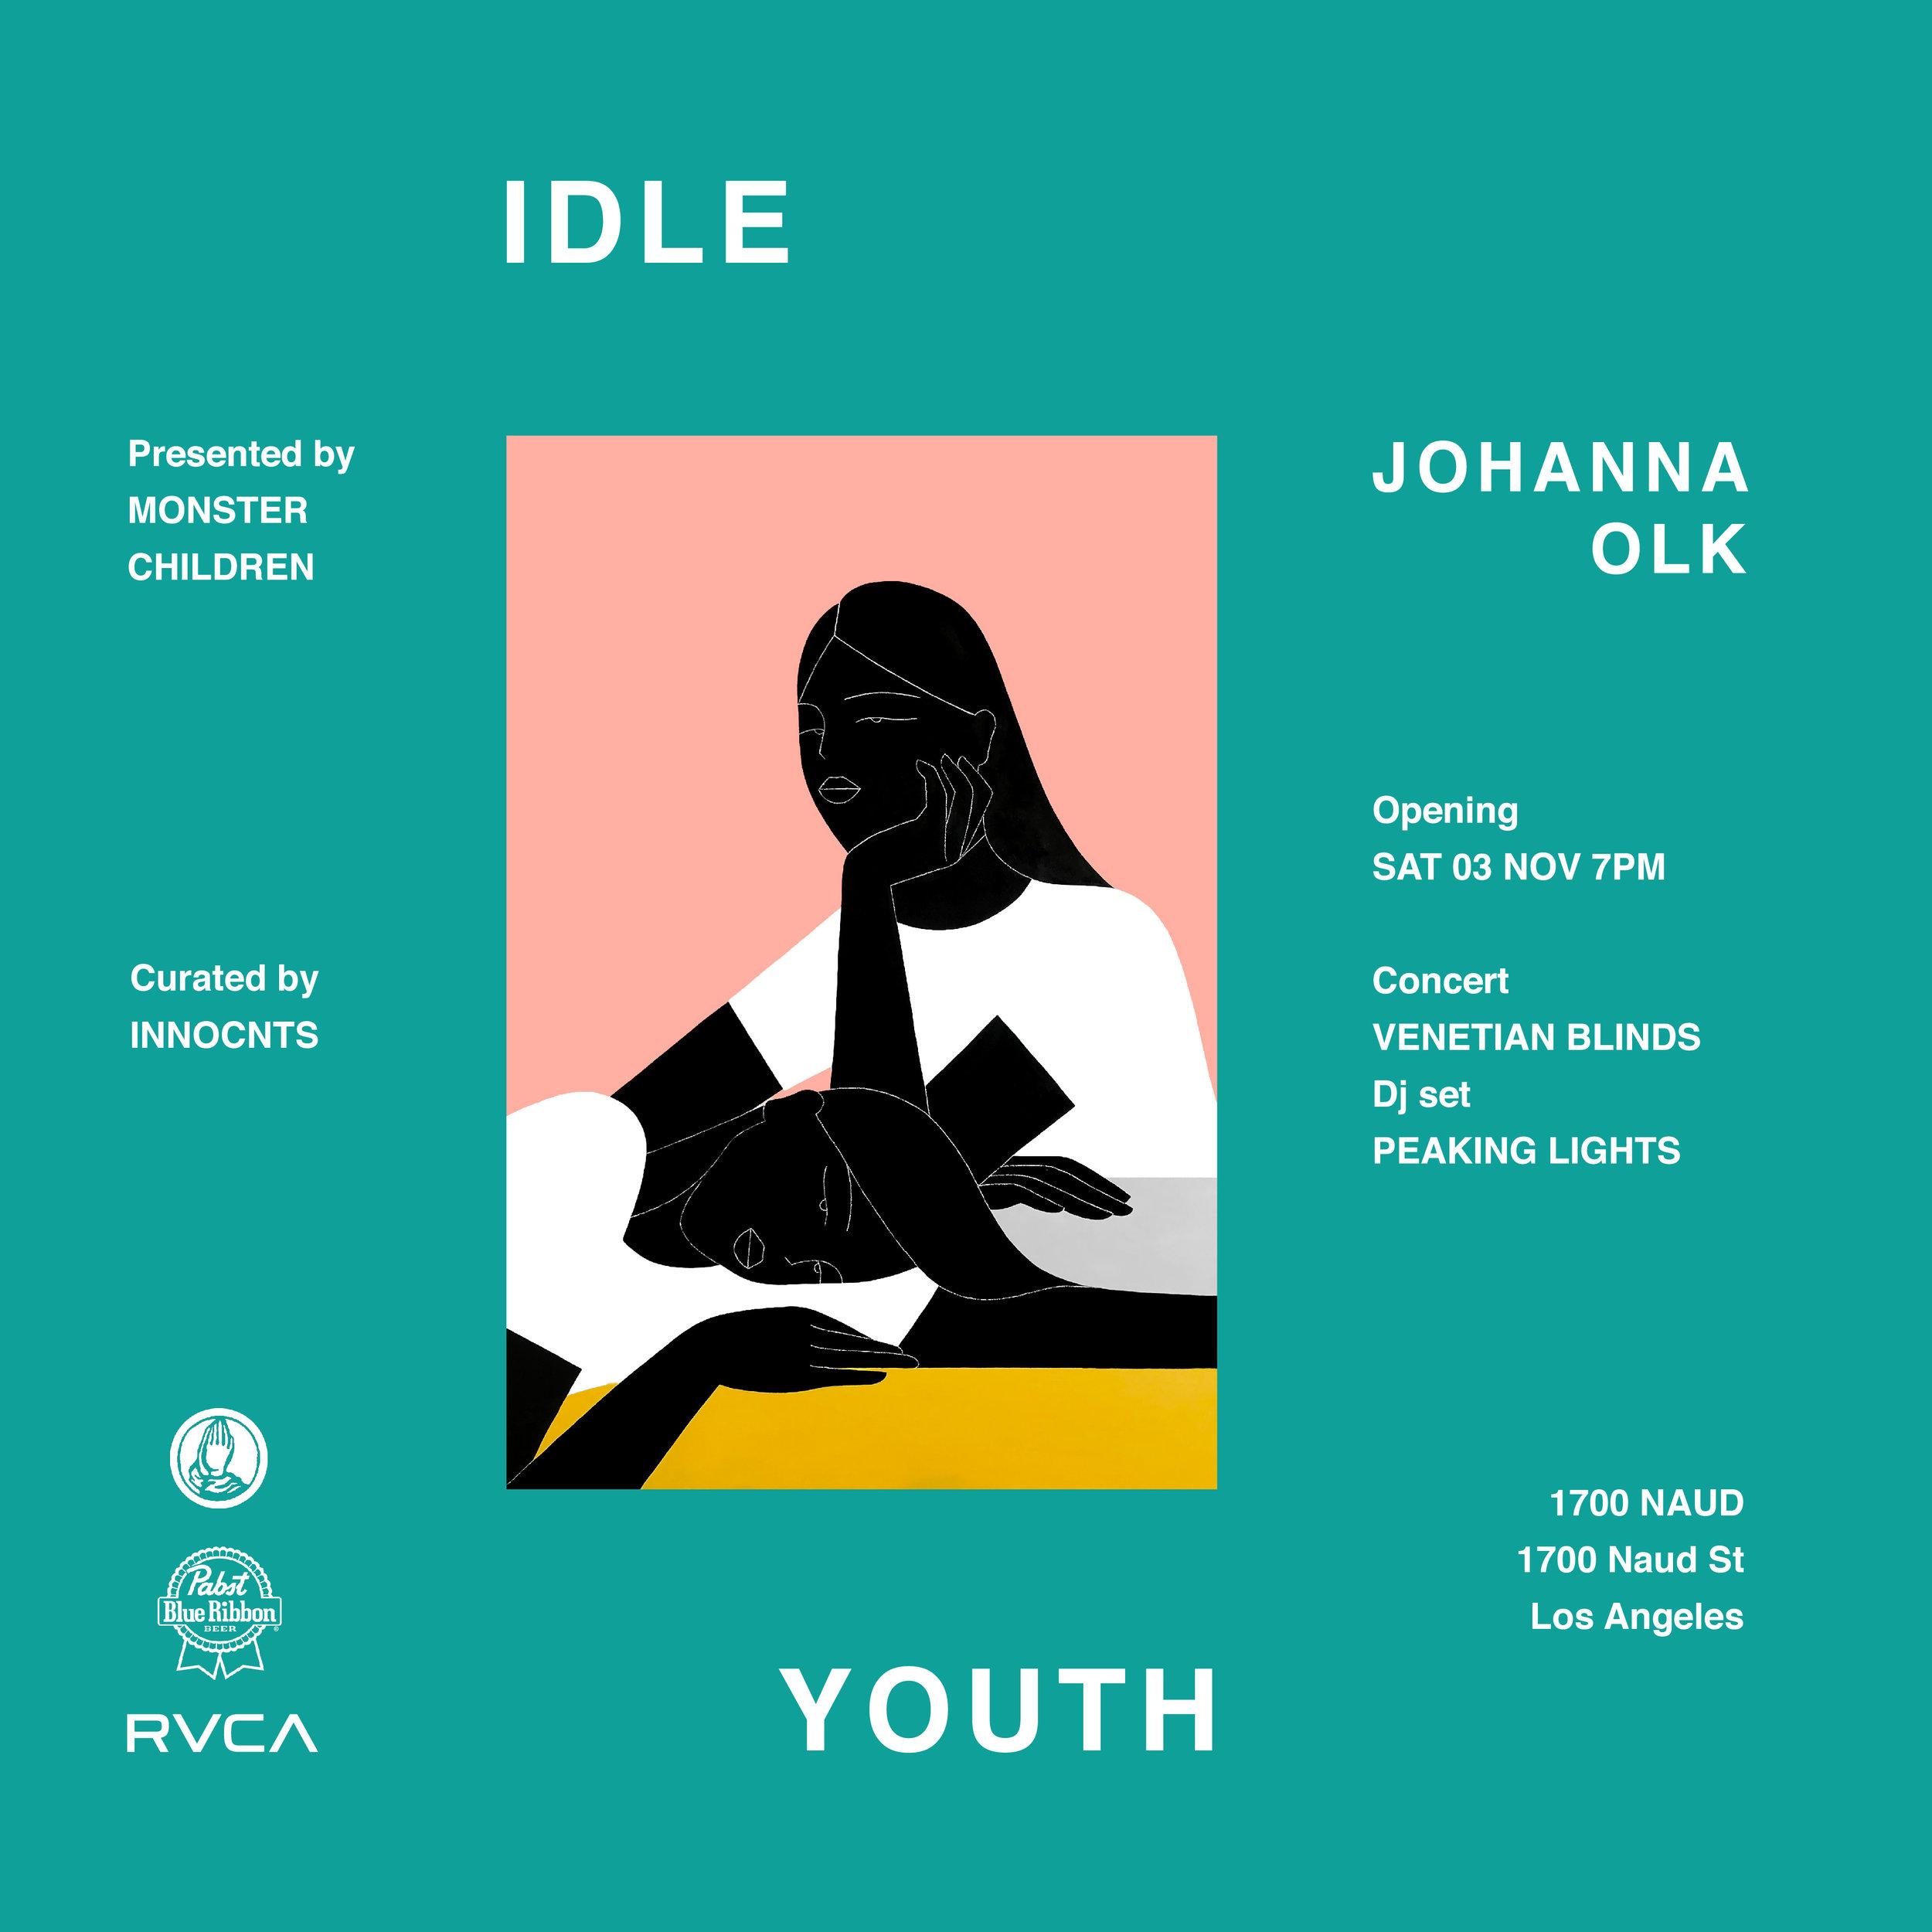 JOHANNA OLK - IDLE YOUTH